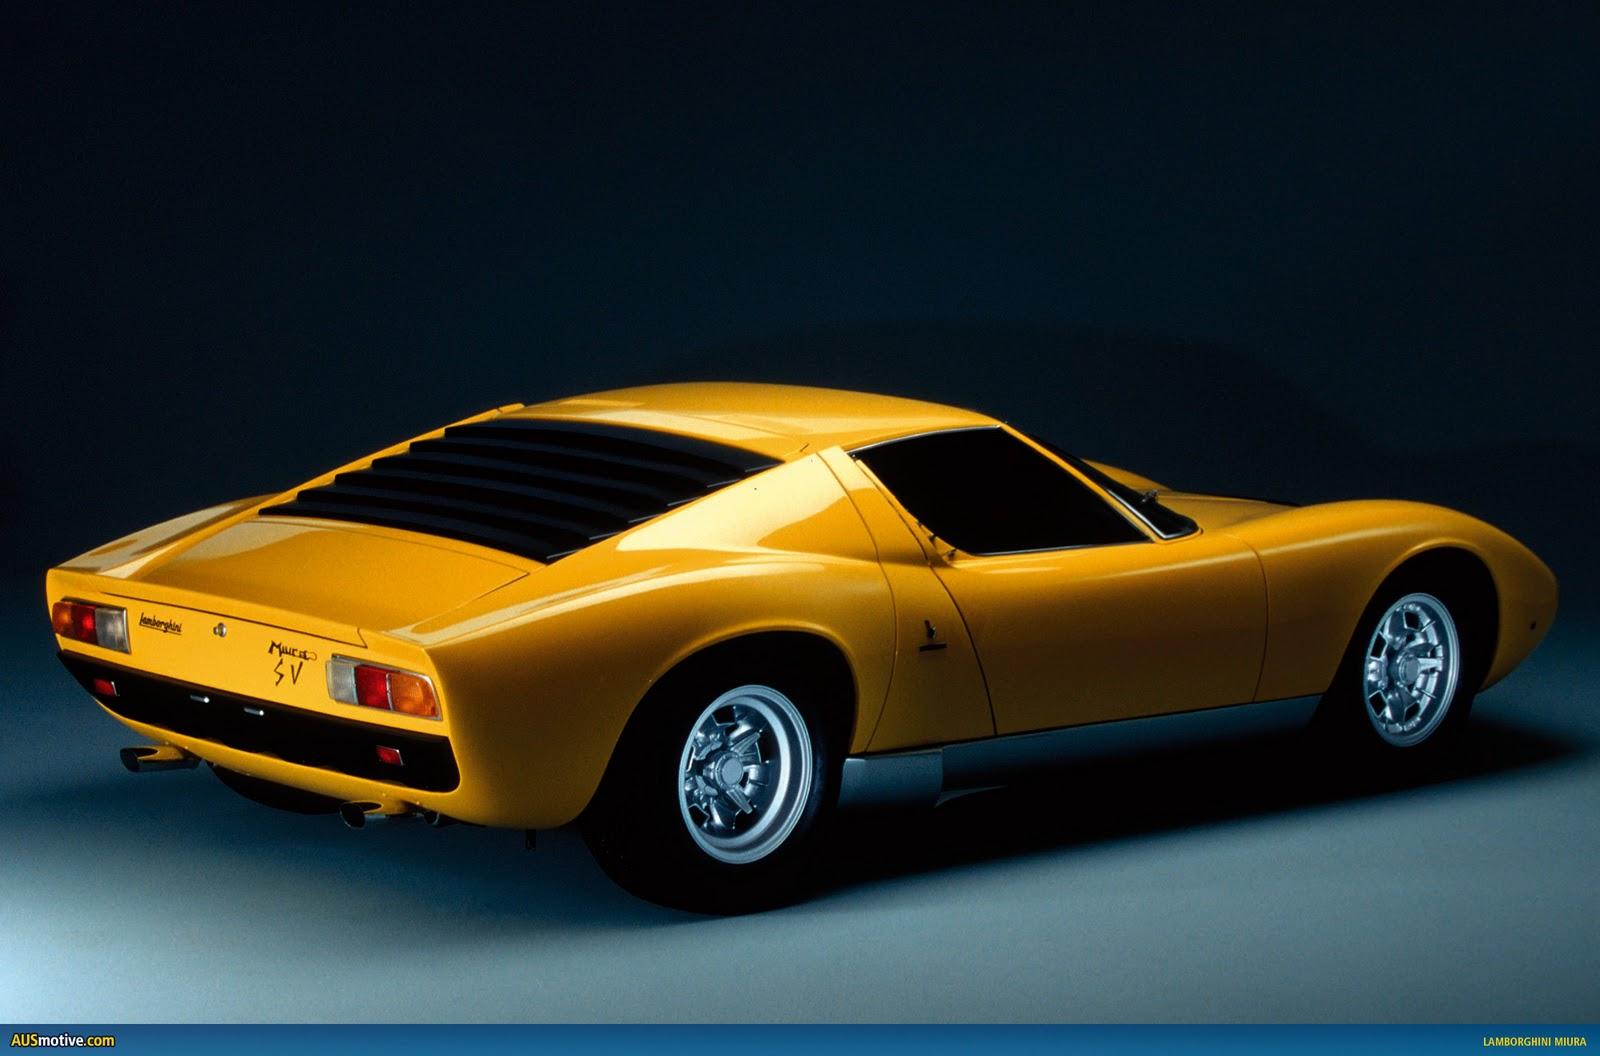 Classic Cars: Lamborghini Muira